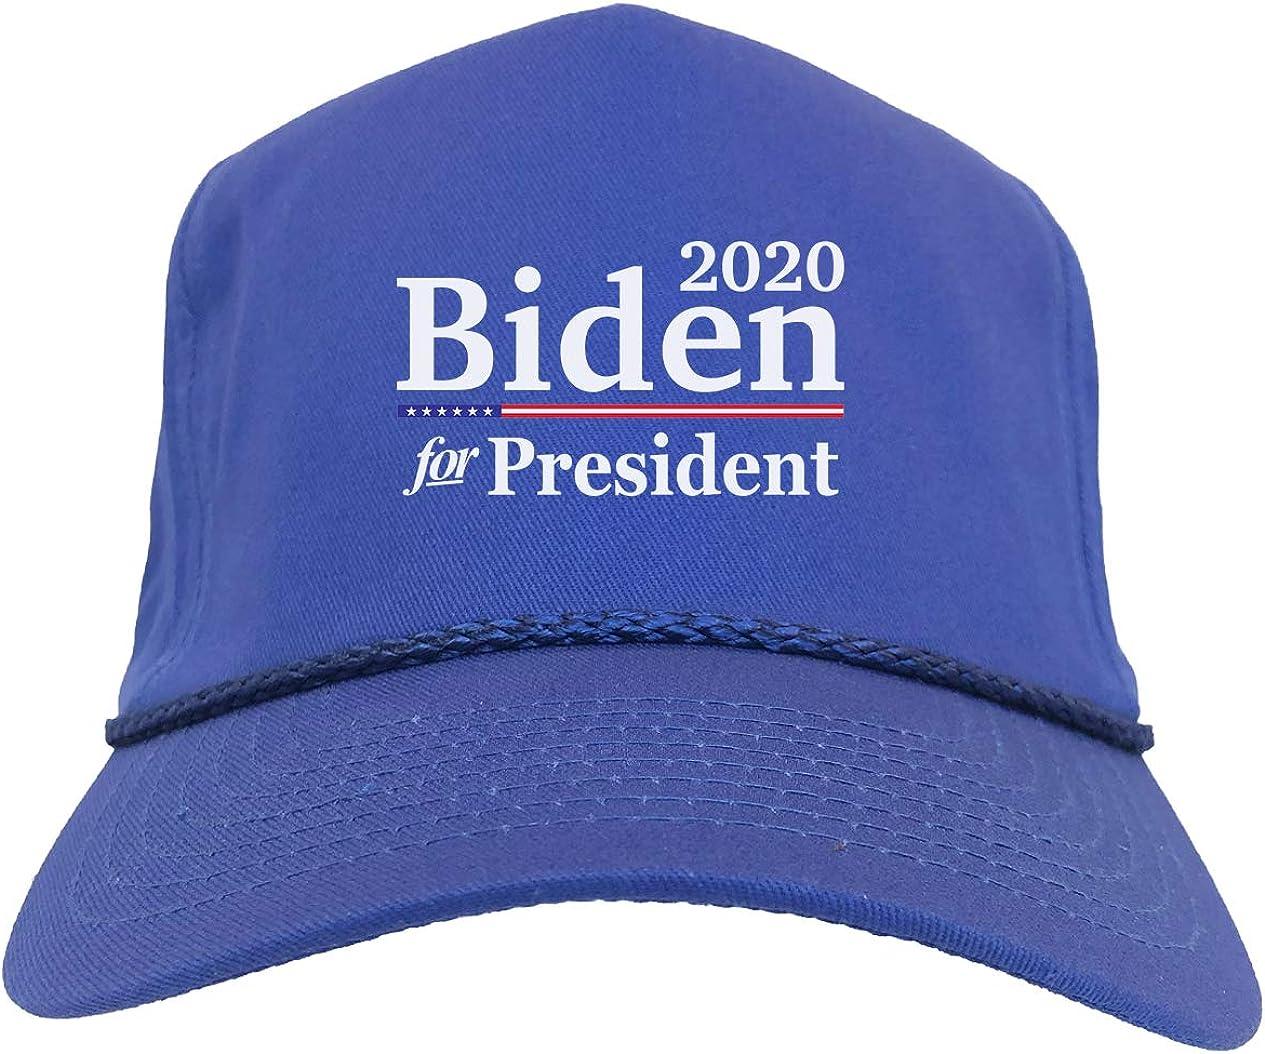 Rvest Casquette de Baseball en Coton Joe Biden 2020 Votez pour Votre pr/ésident pour l/élection du pr/ésident Casquette Ajustable brod/ée de Casquette de Baseball Joe Biden